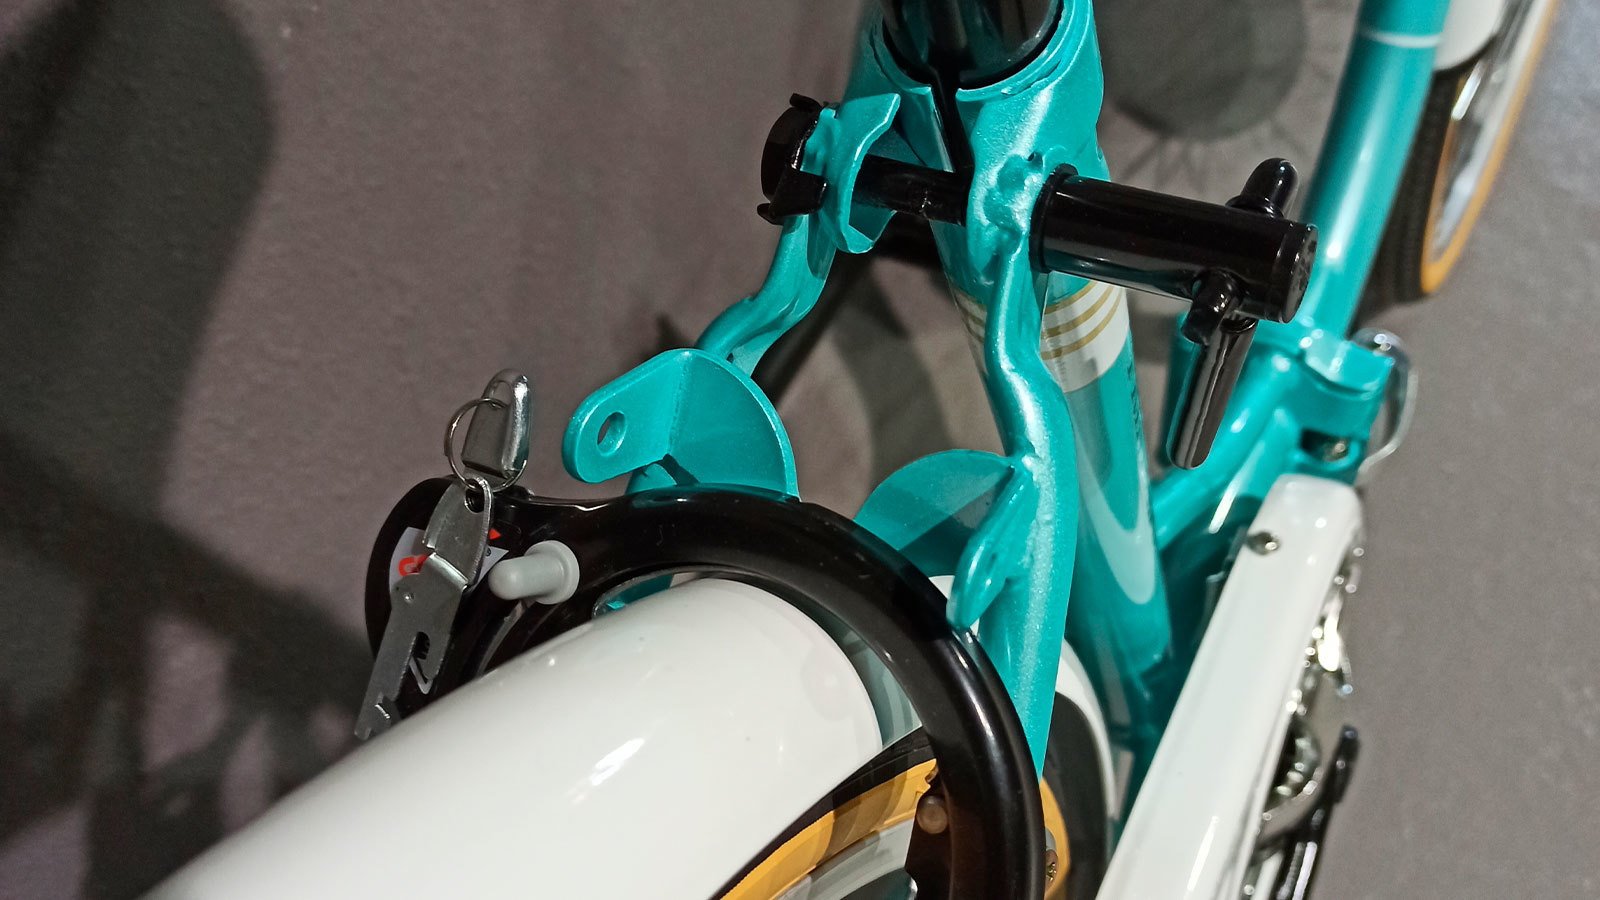 крыло заднего колеса японского велосипеда